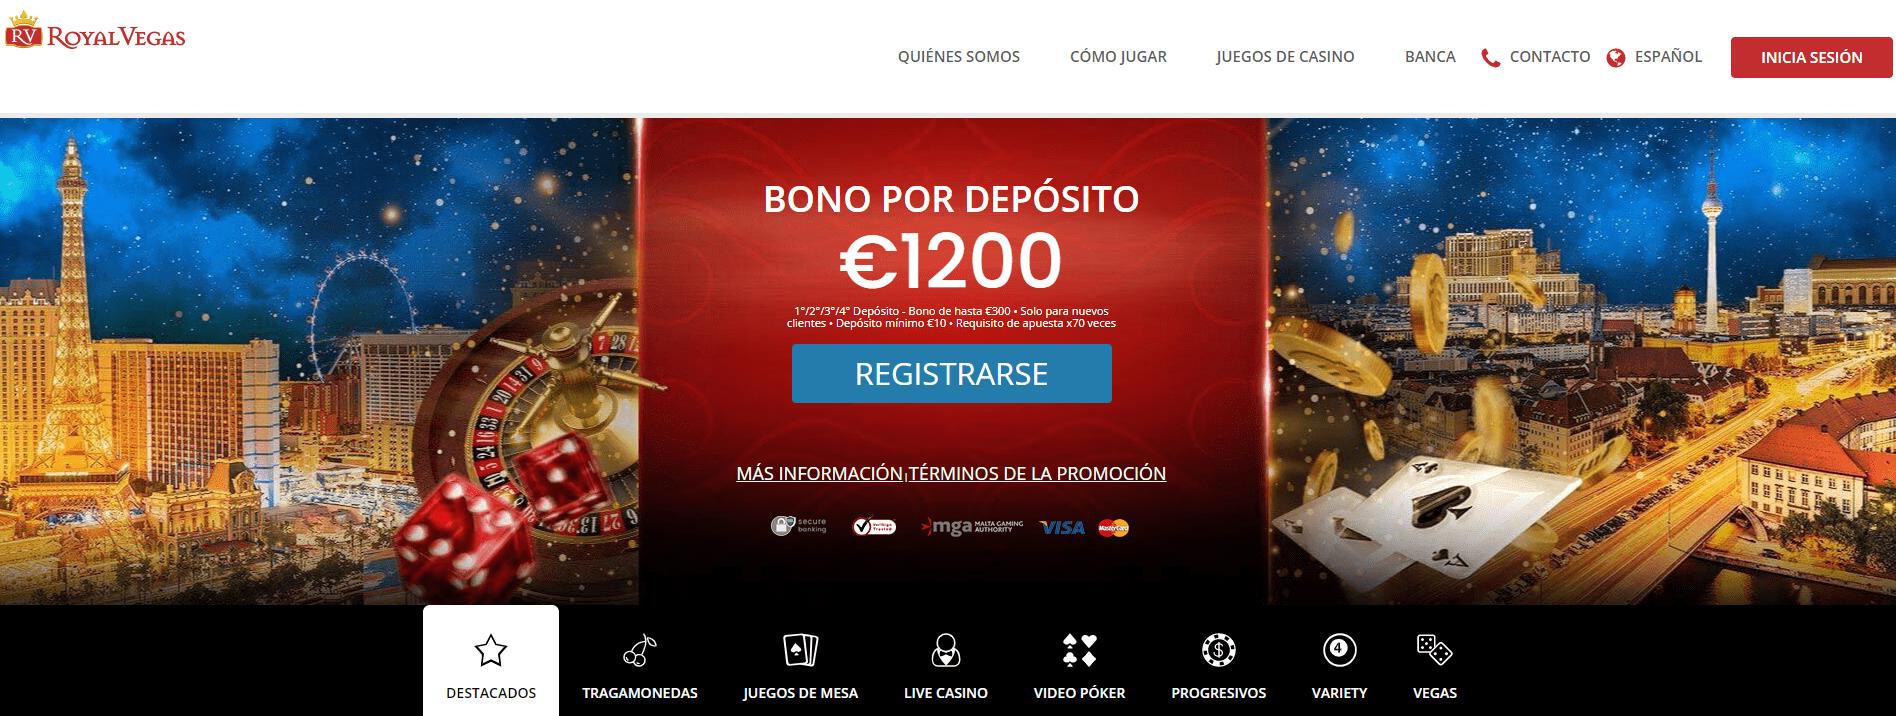 Royal vegas Casino promociones